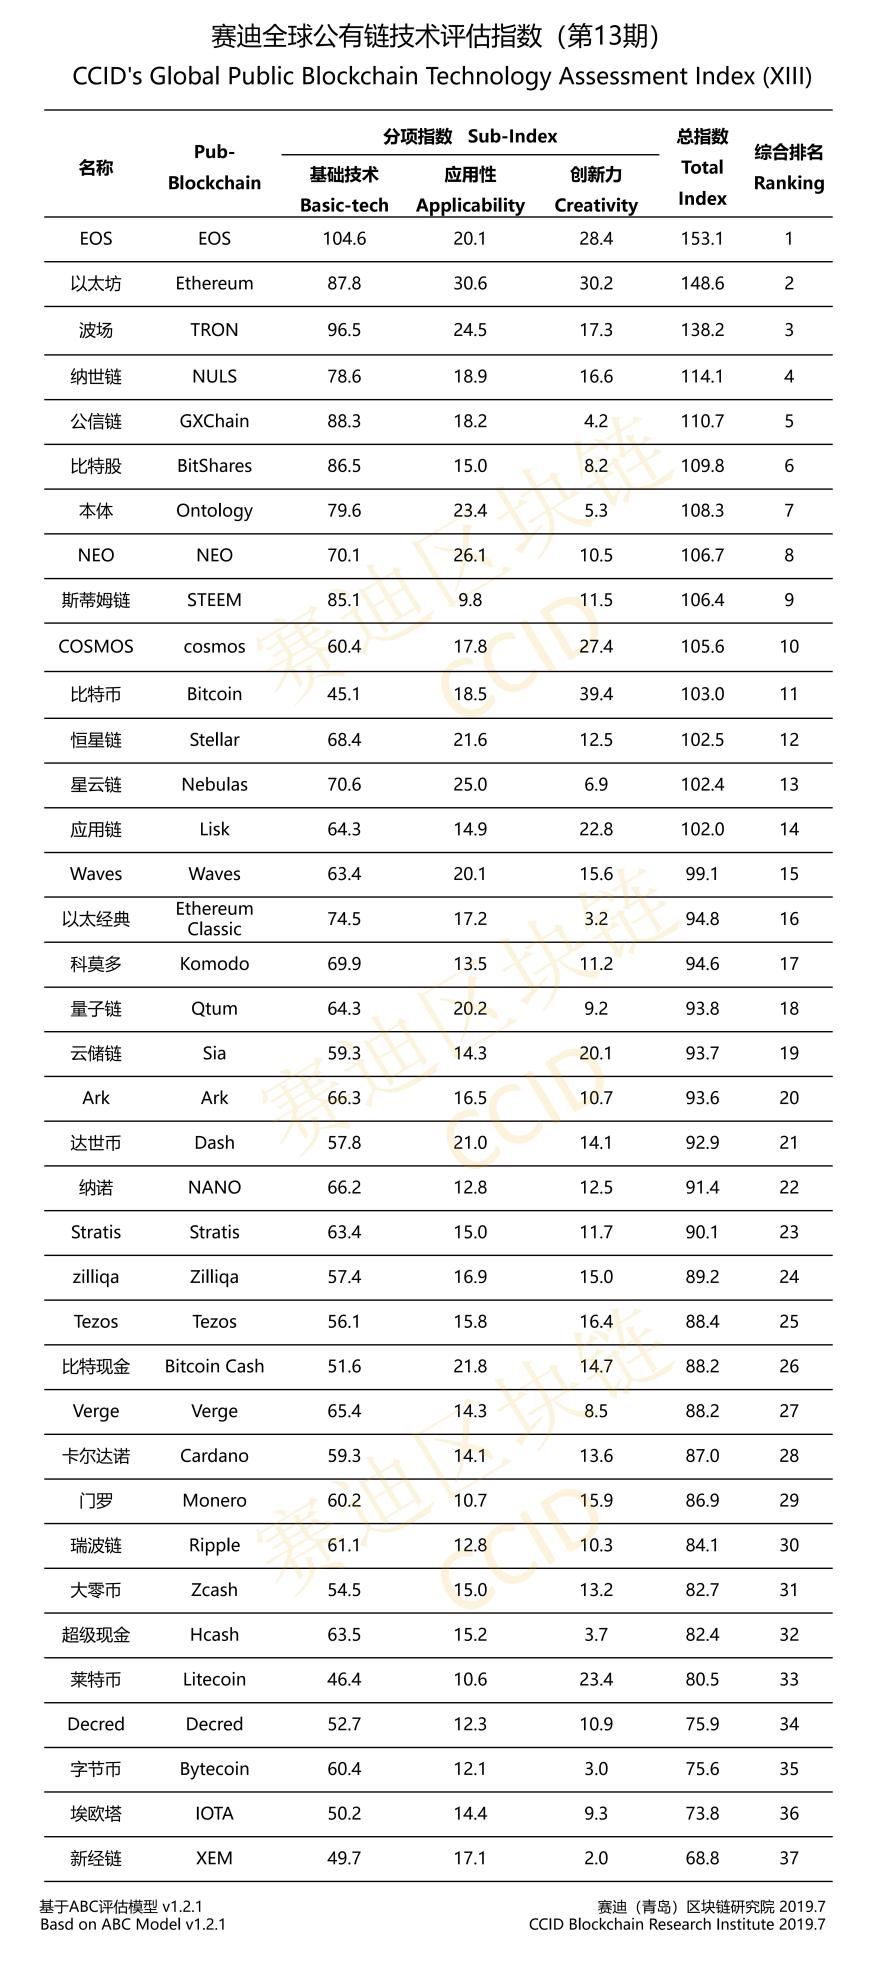 Китай представил новый рейтинг криптовалют: bitcoin улучшил свои позиции